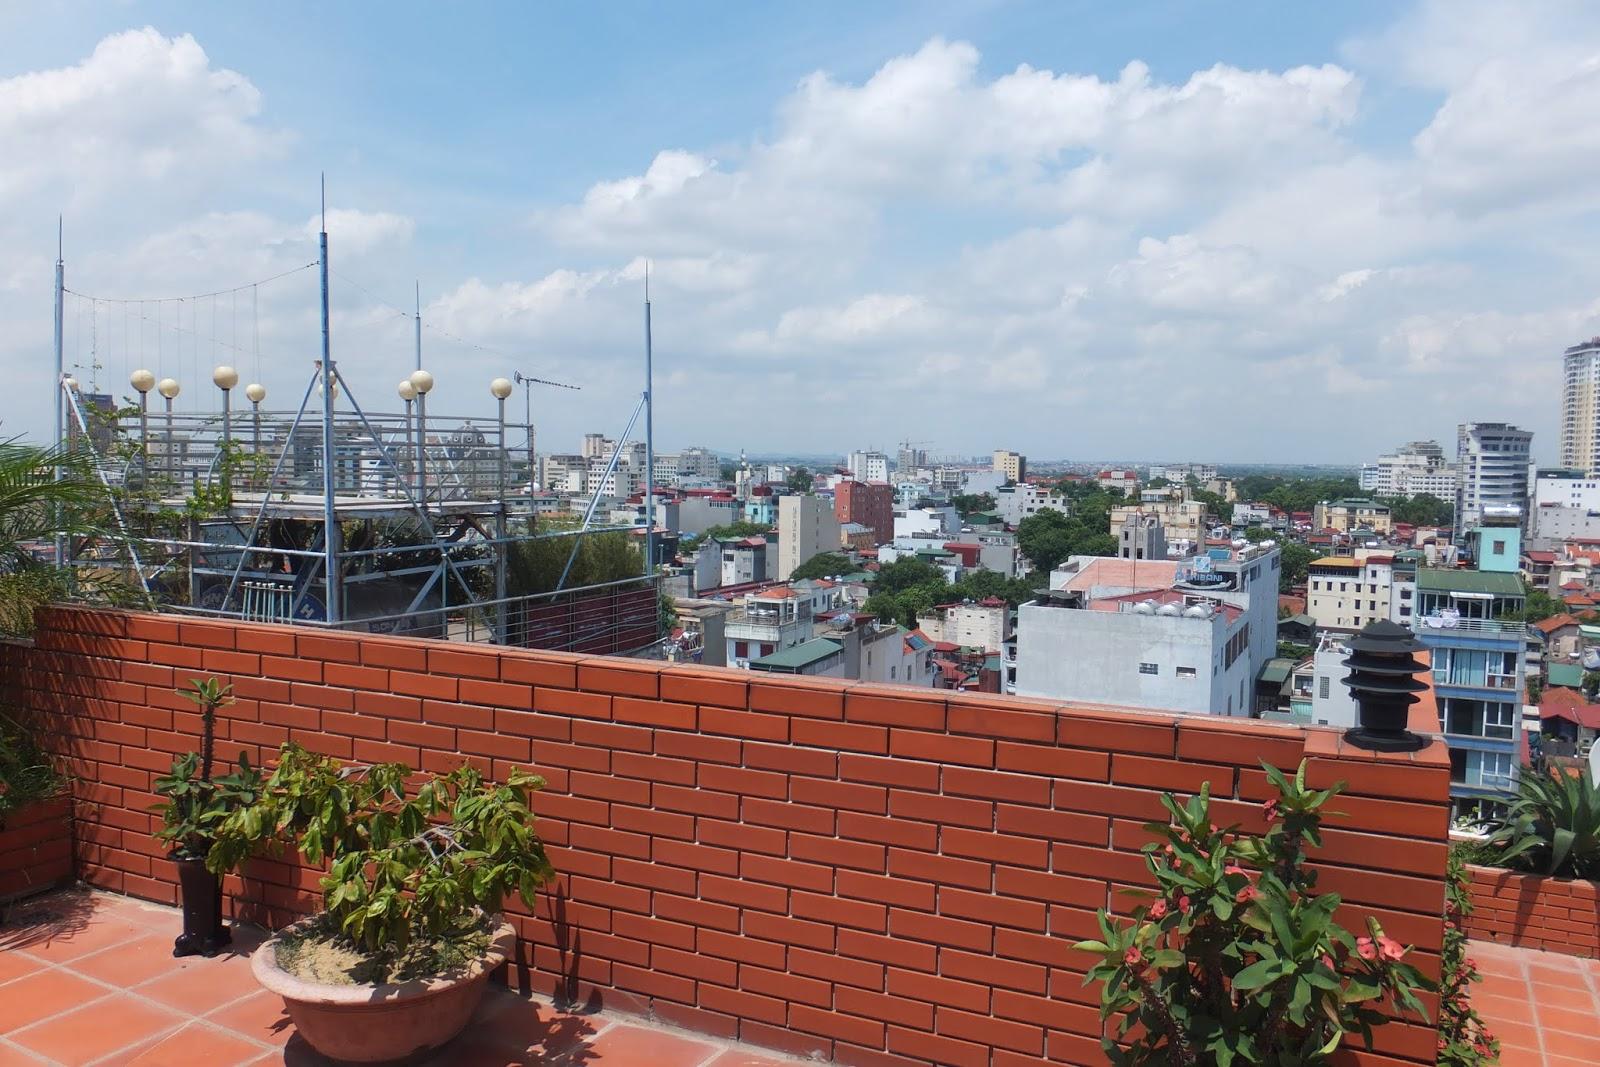 roof-garden-hanoiview 屋上庭園とハノイの風景2